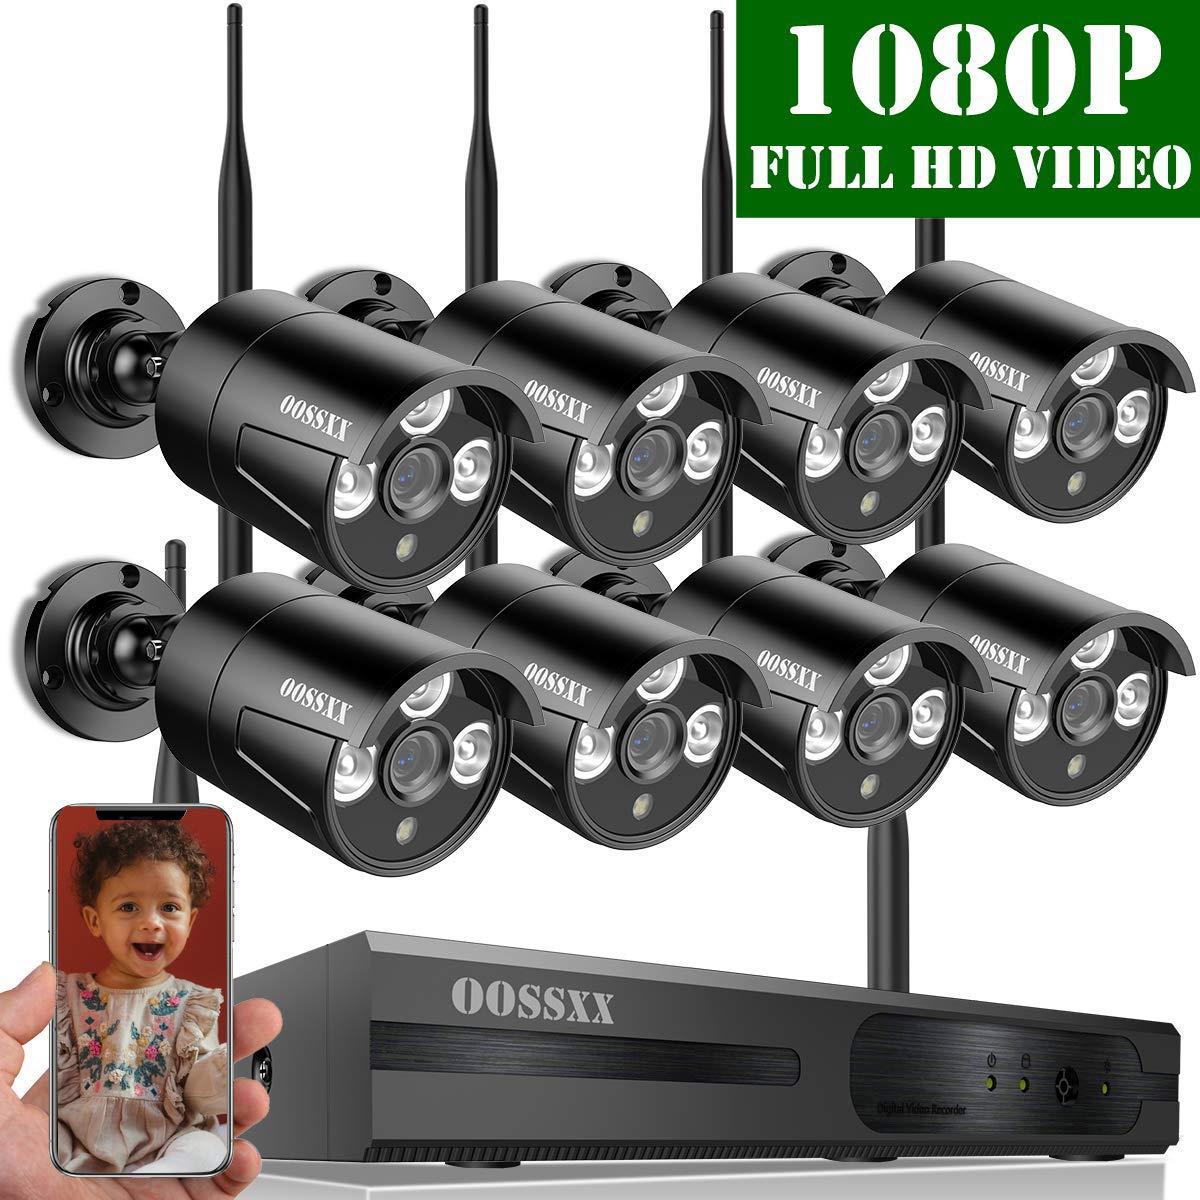 【2020 Nuevo】Sistema de Cámara de Video Seguridad, 8 Canal 1080P NVR Kit de Videovigilancia CCTV, 8 1080P IP Cámaras de Vigilancia WiFi Exterior, Remoto Control de Seguridad Inalámbrico Sin Disco Duro